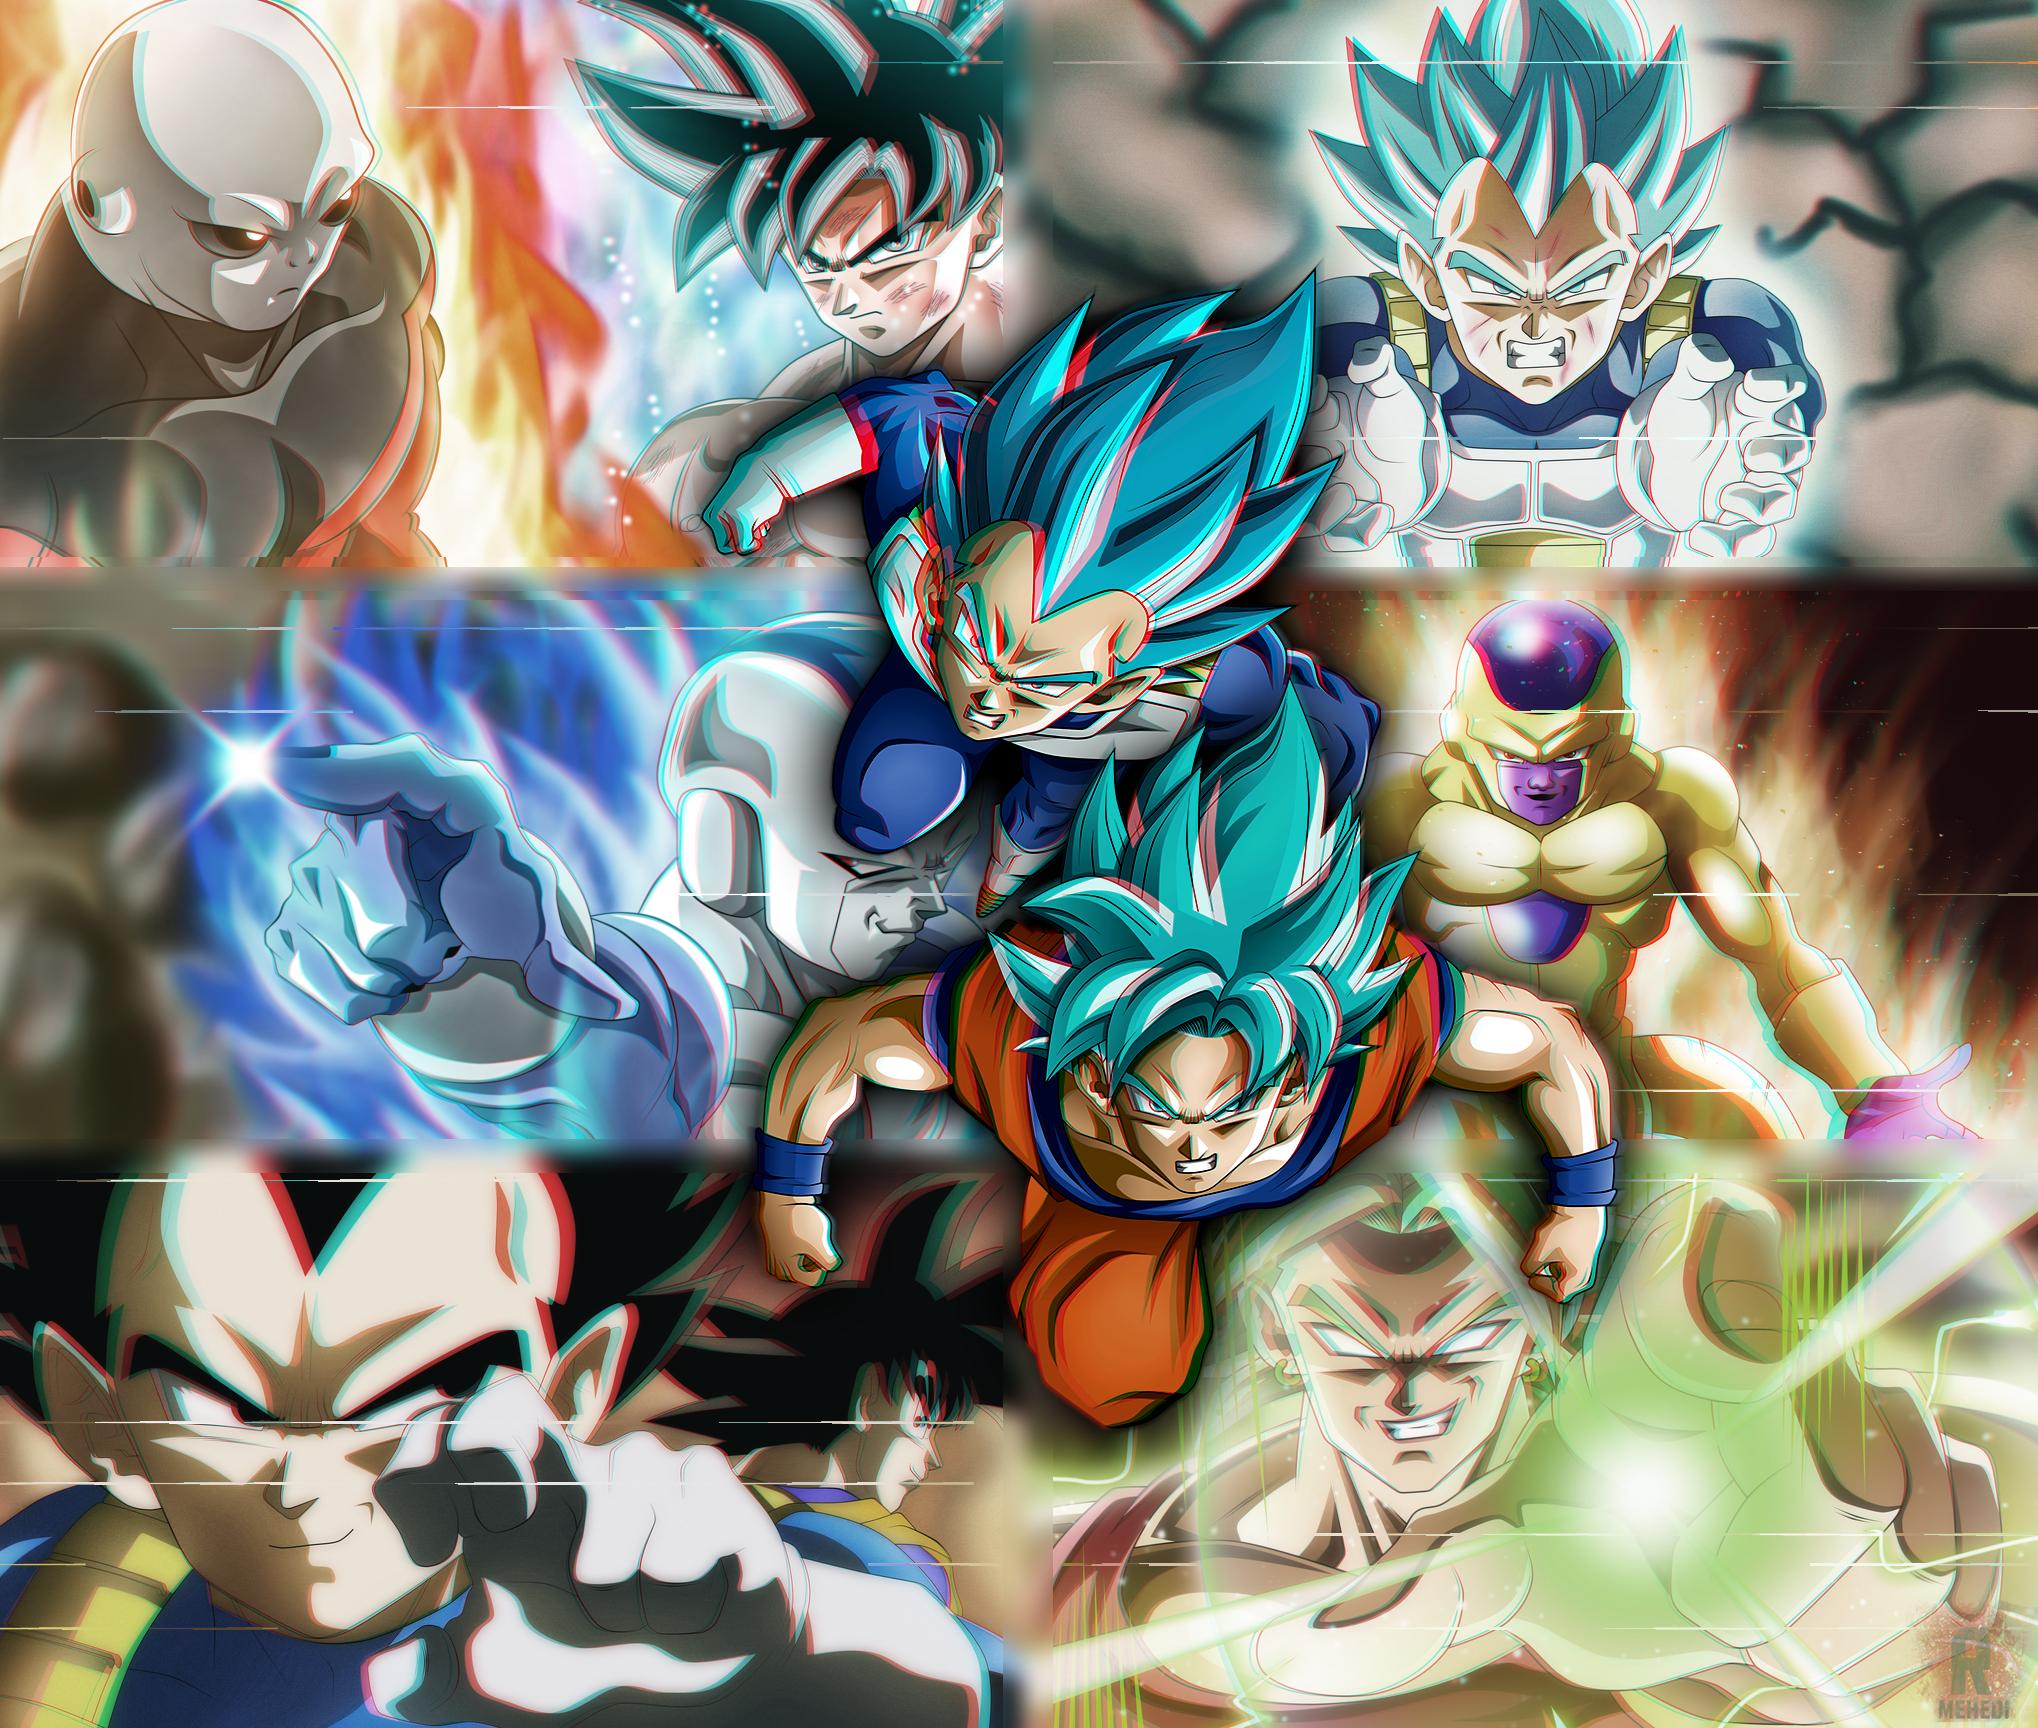 Goku Live Wallpaper Iphone X Wall Bestpoemview Co